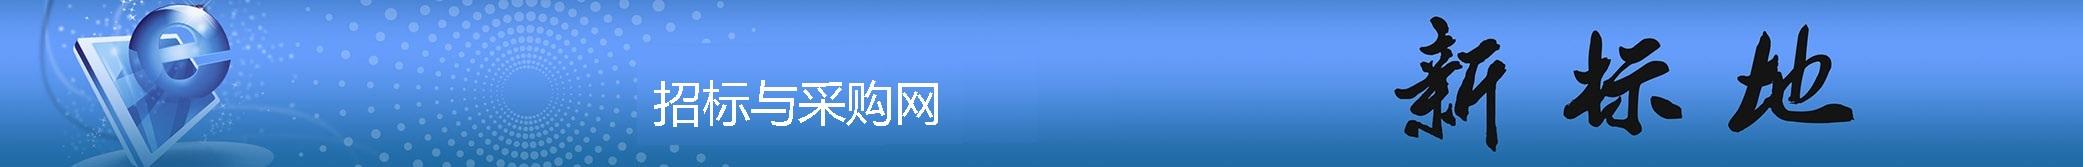 亿博全天计划与采购网 新标地 - 最新最热招投标信息发布平台